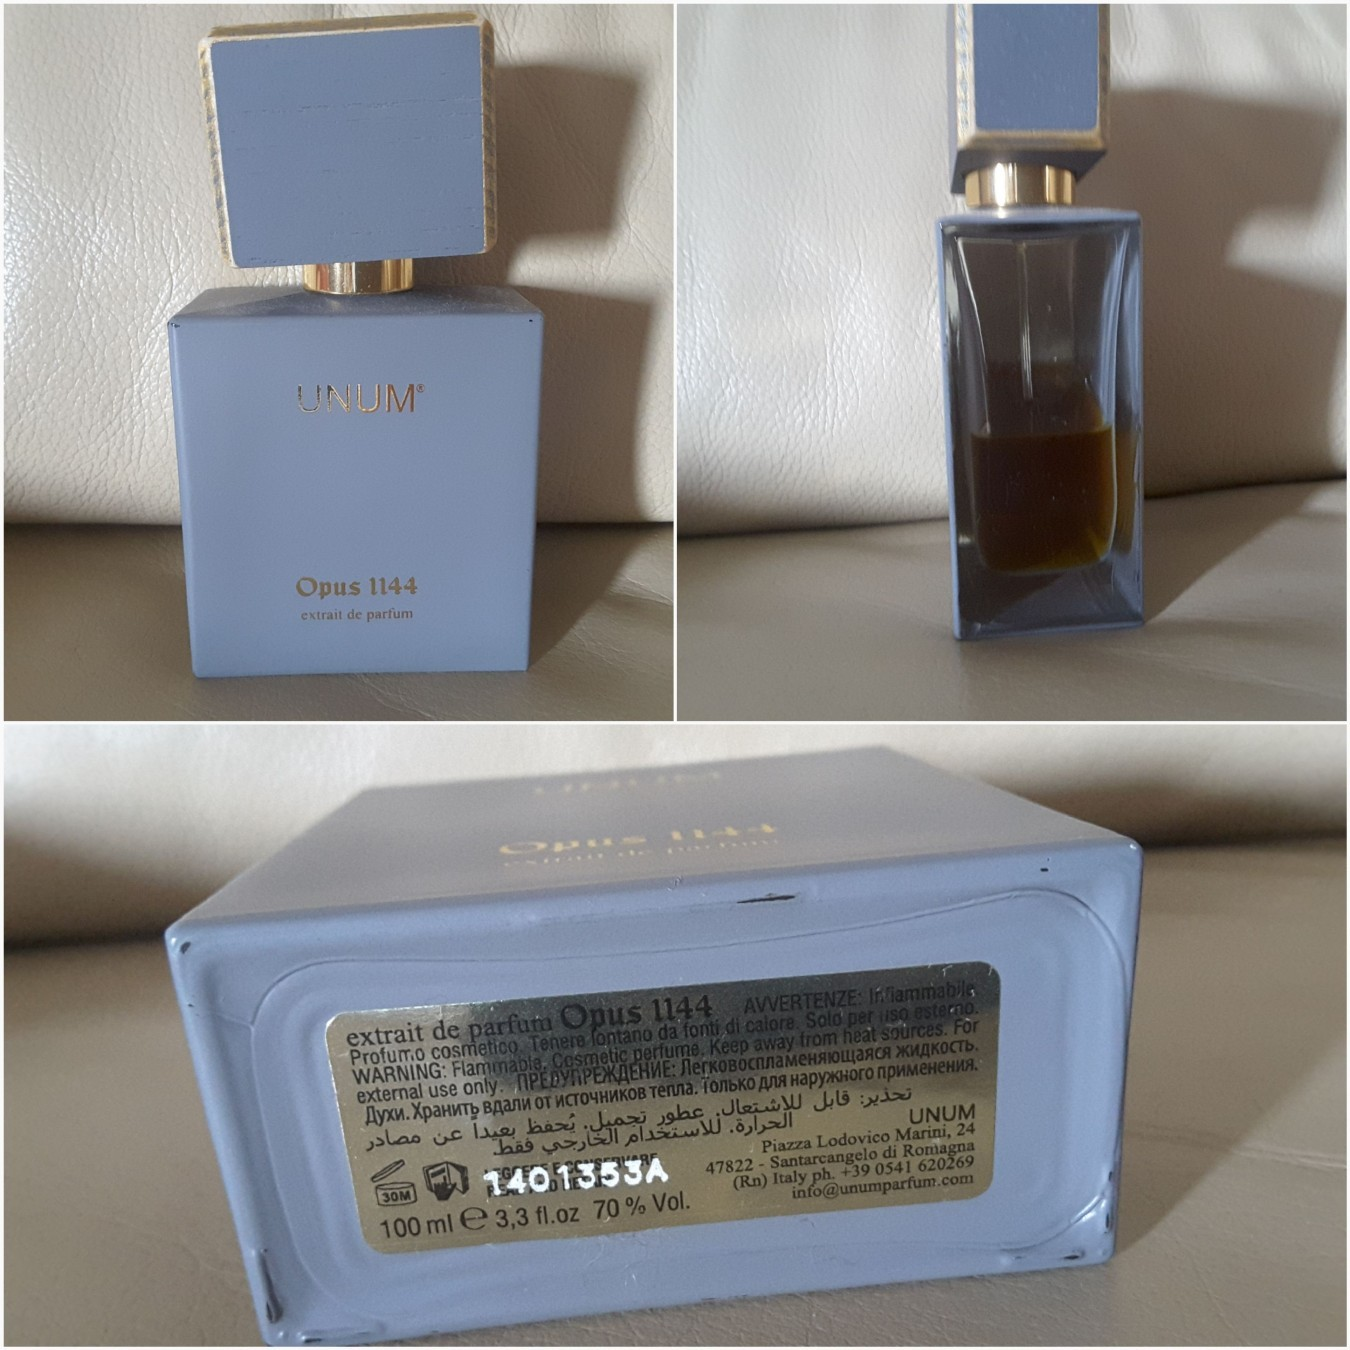 Filippo-Sorcinelli-Unum-1144-parfem-original_slika_O_104007651